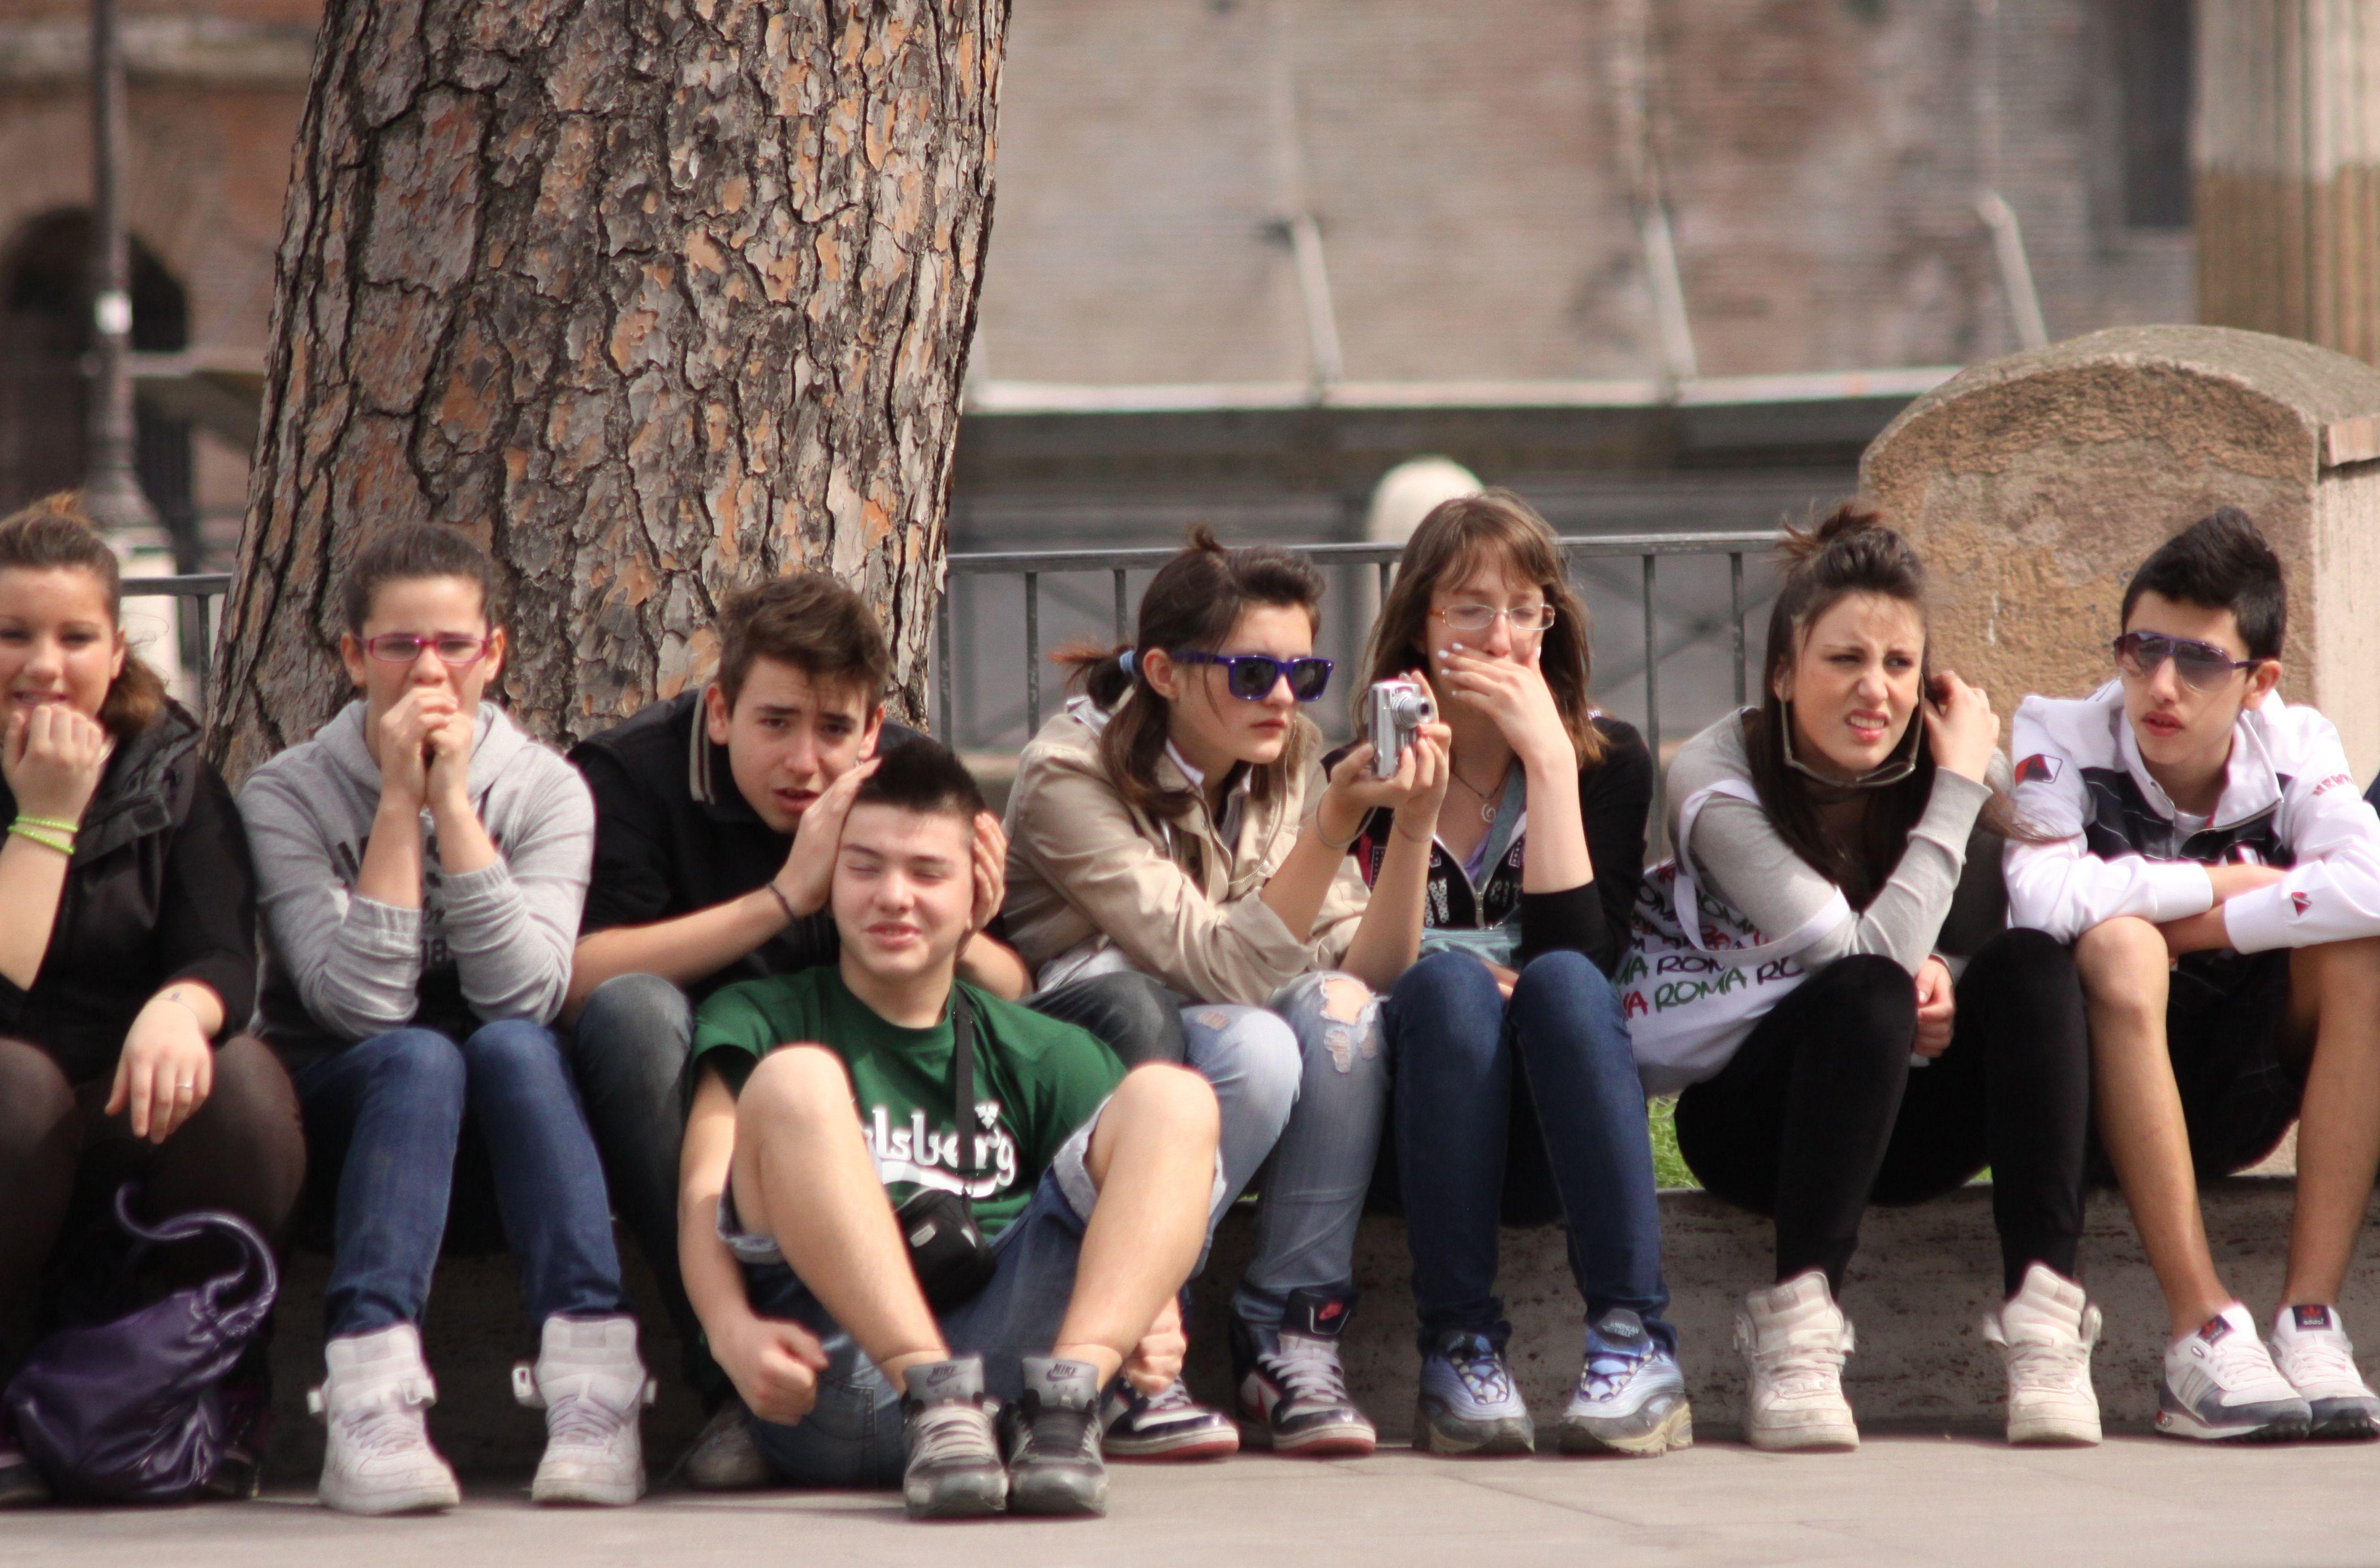 Teens at rome